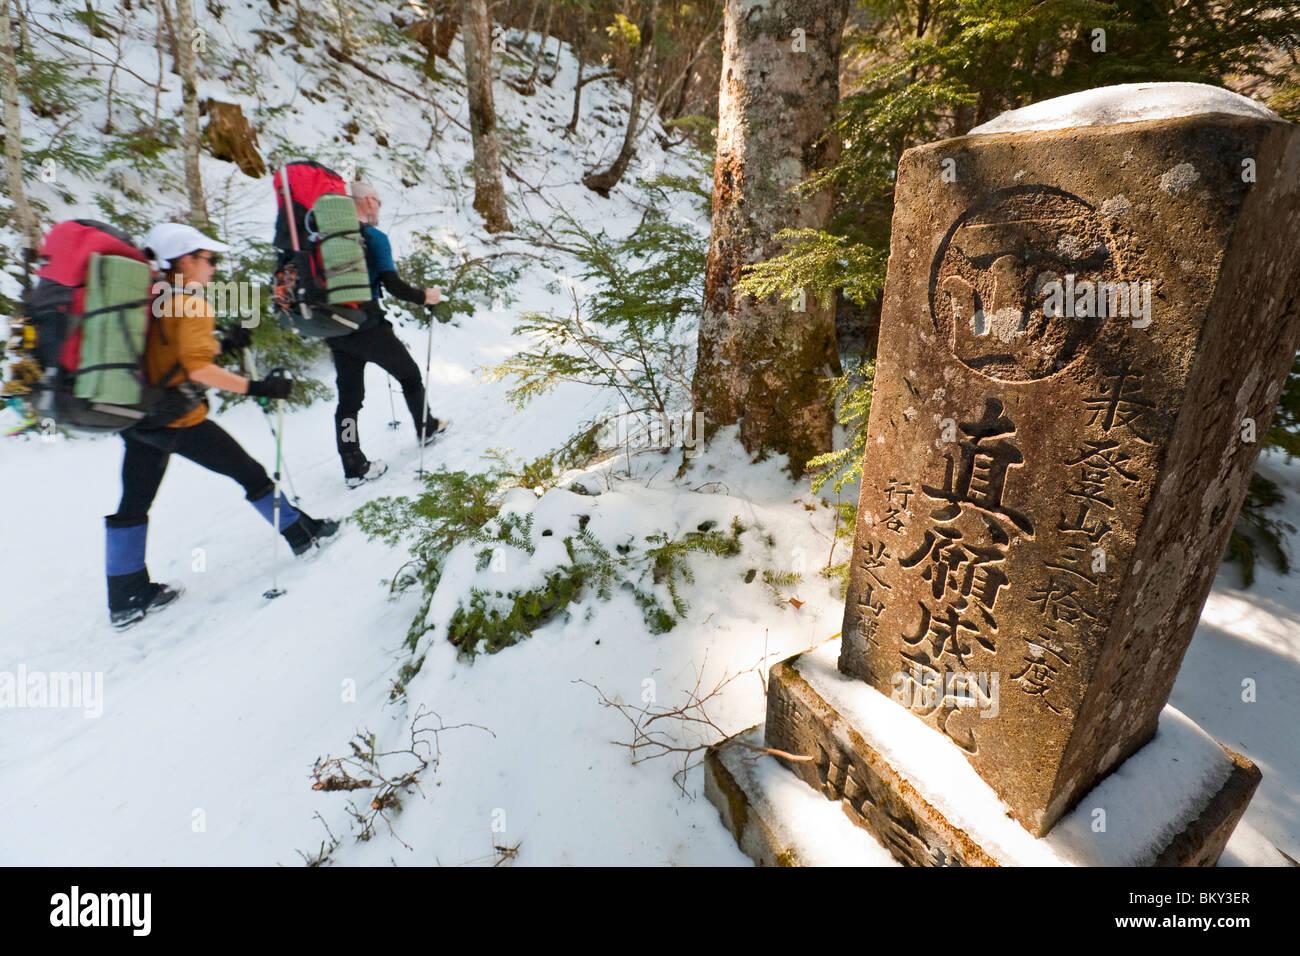 Zwei Personen sind Wandern auf einem Pfad neben einer Säule mit japanischen Schriftzeichen drauf in Mount Fuji Stockbild